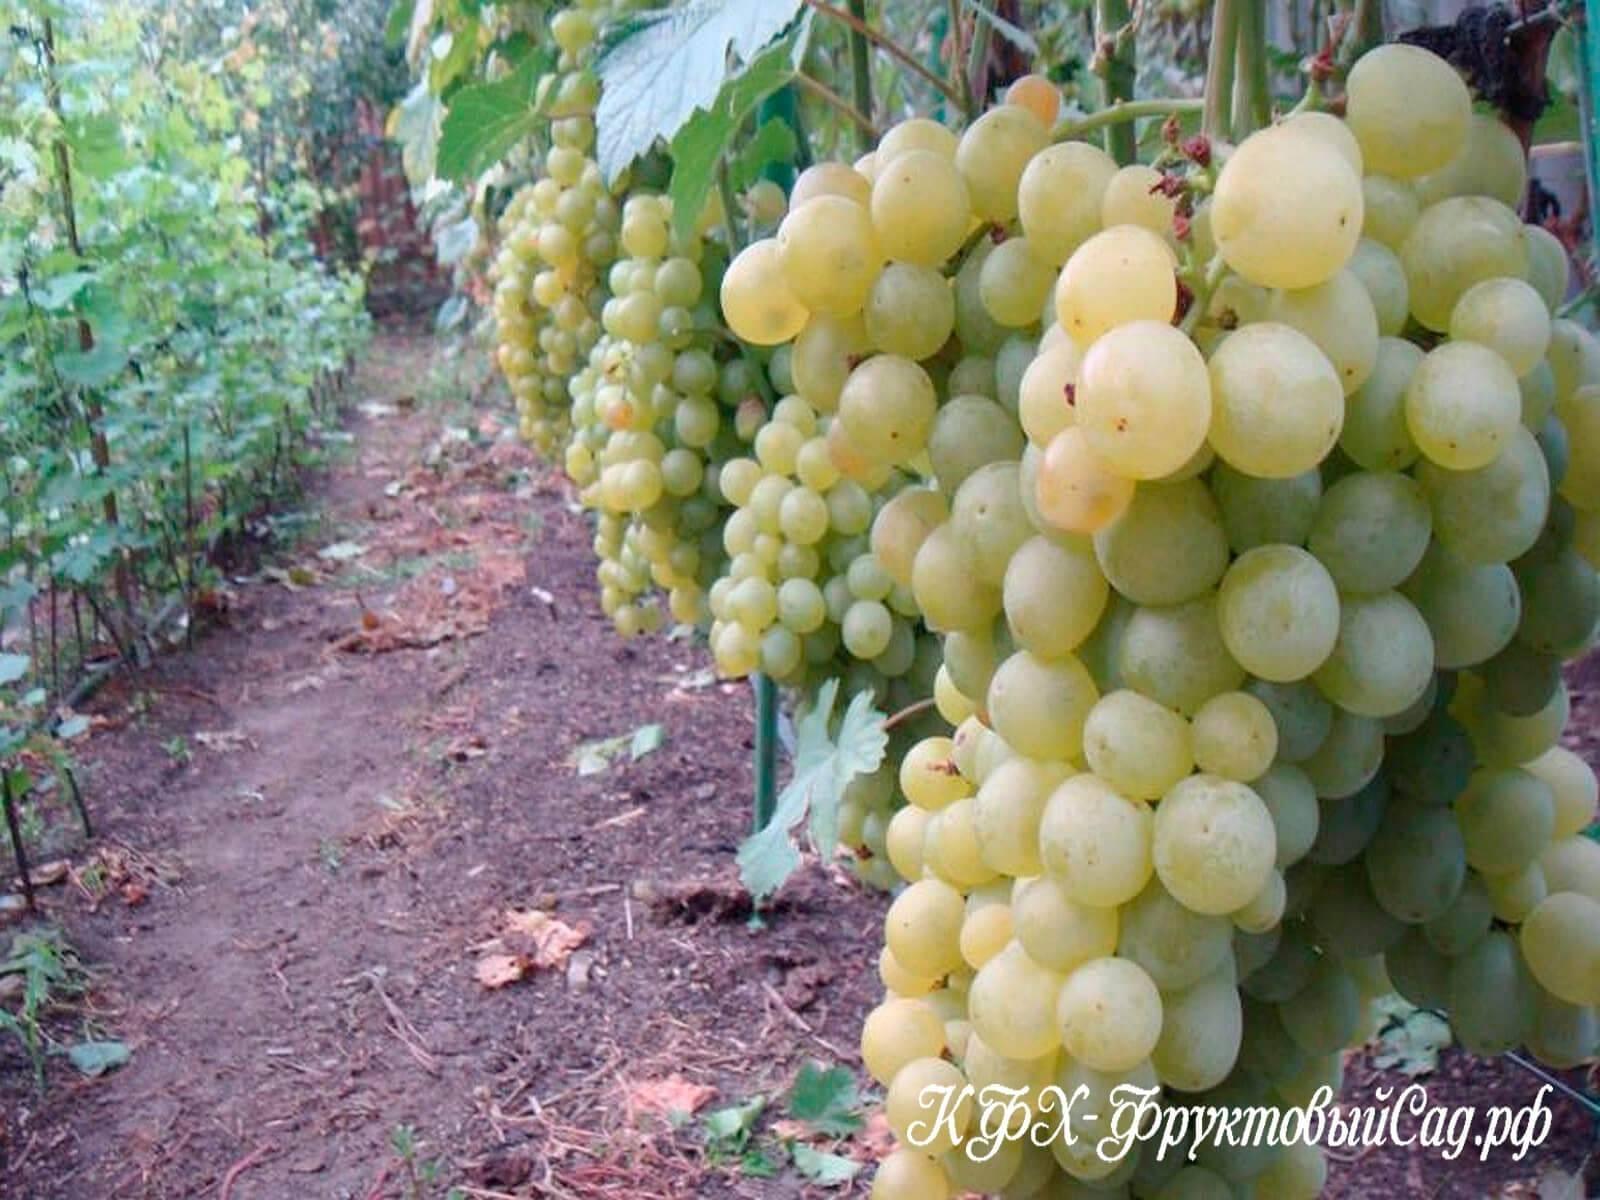 Виноград супер экстра: селекция, описание, особенности сорта, посадка и уход, достоинства, недостатки, отзывы